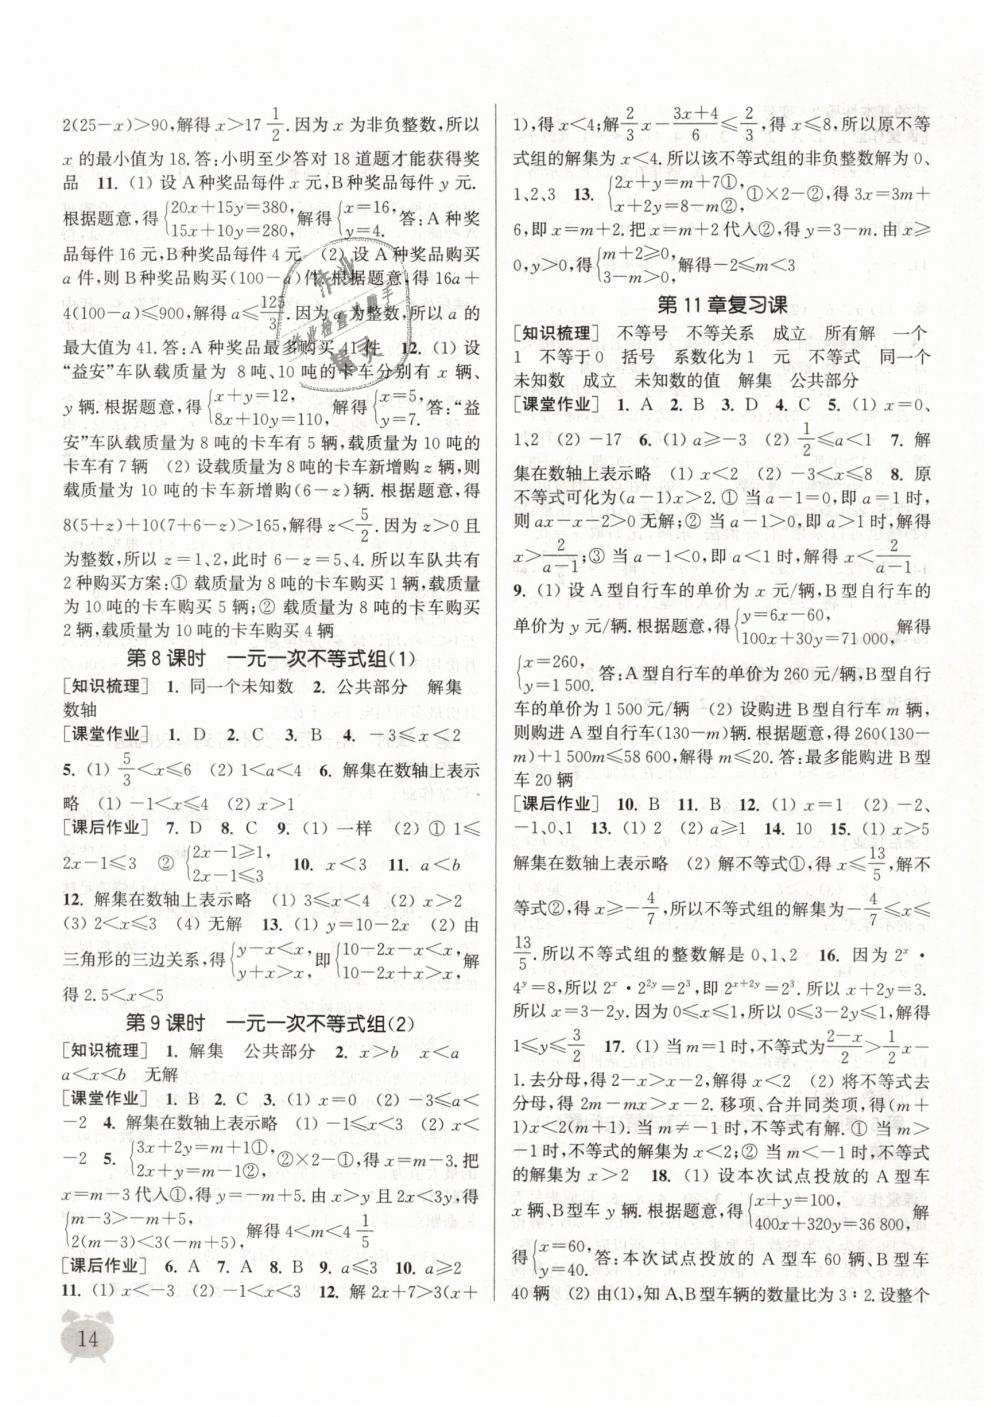 2019年通城学典课时作业本七年级数学下册苏科版江苏专用第14页